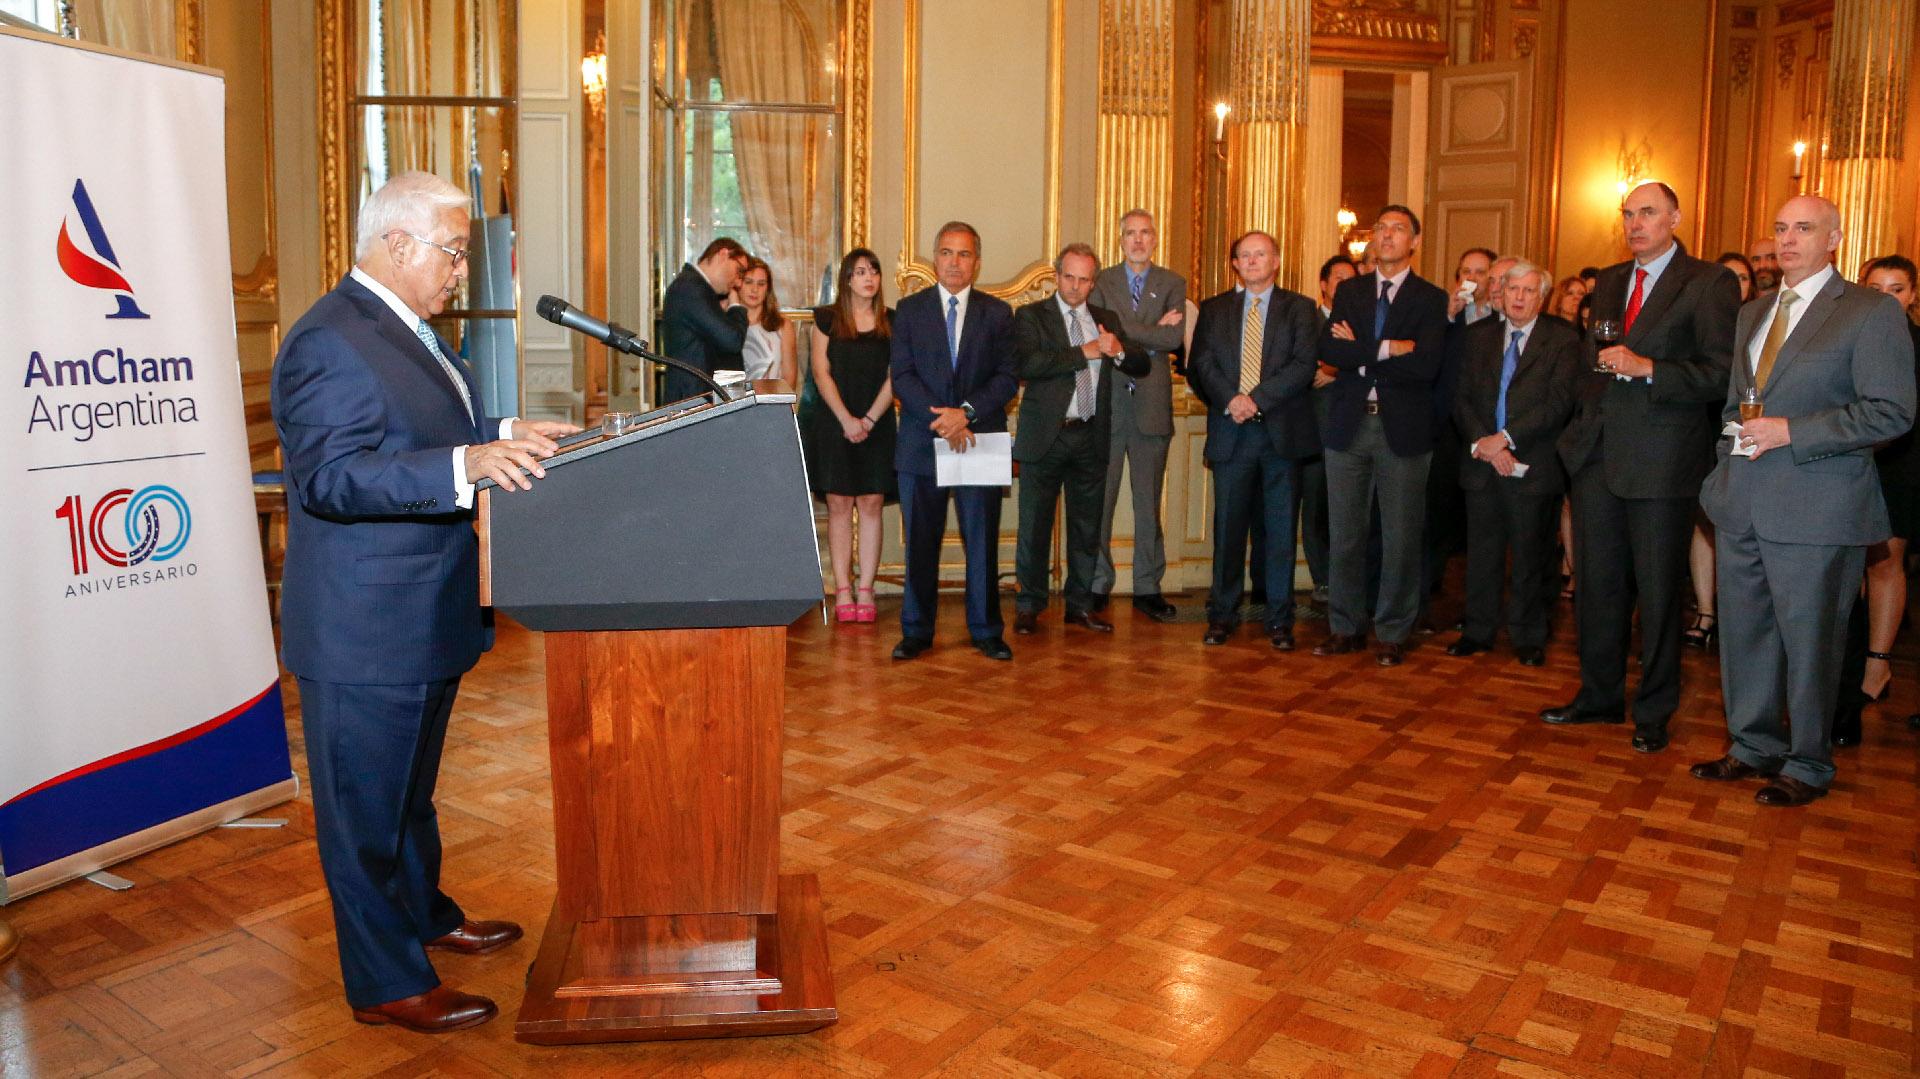 El embajador Edward C. Prado durante la recepción de fin de año de la AmCham Argentina